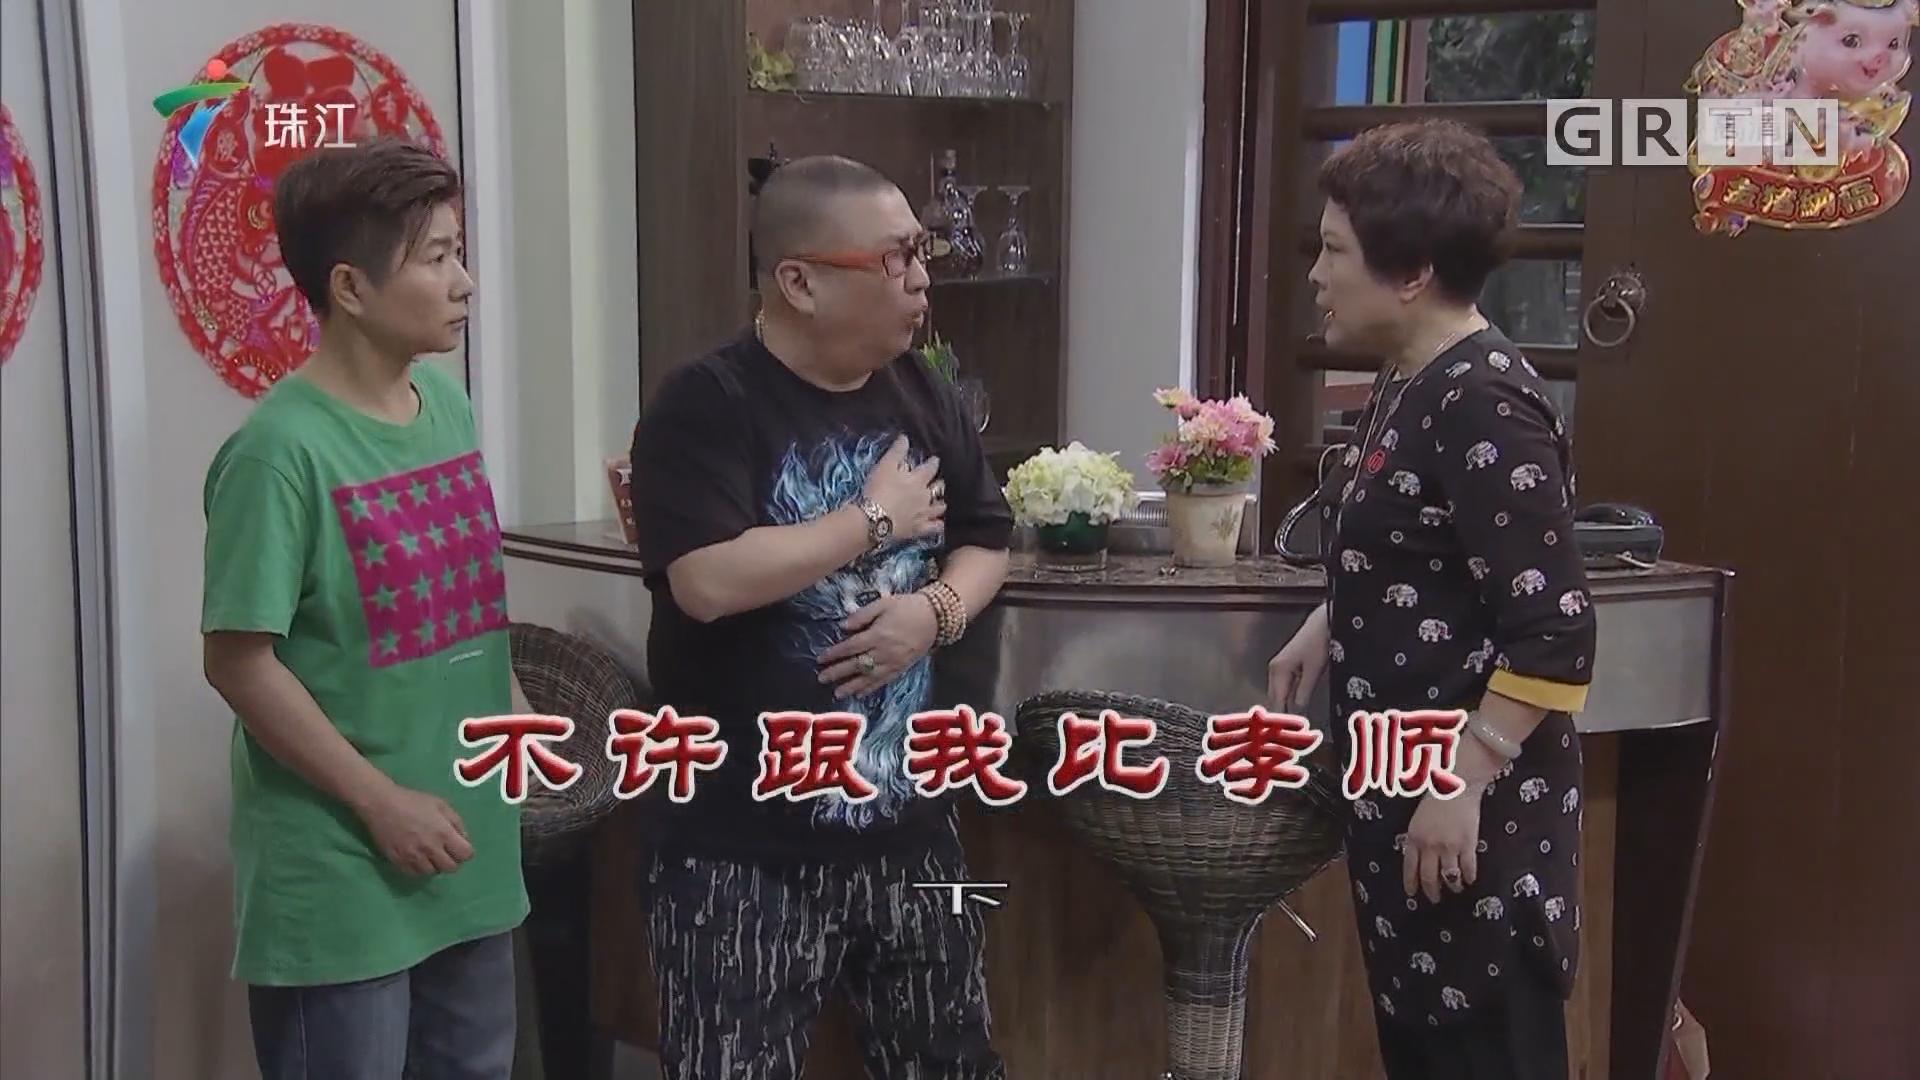 [HD][2019-07-27]外来媳妇本地郎:不许跟我比孝顺(下)